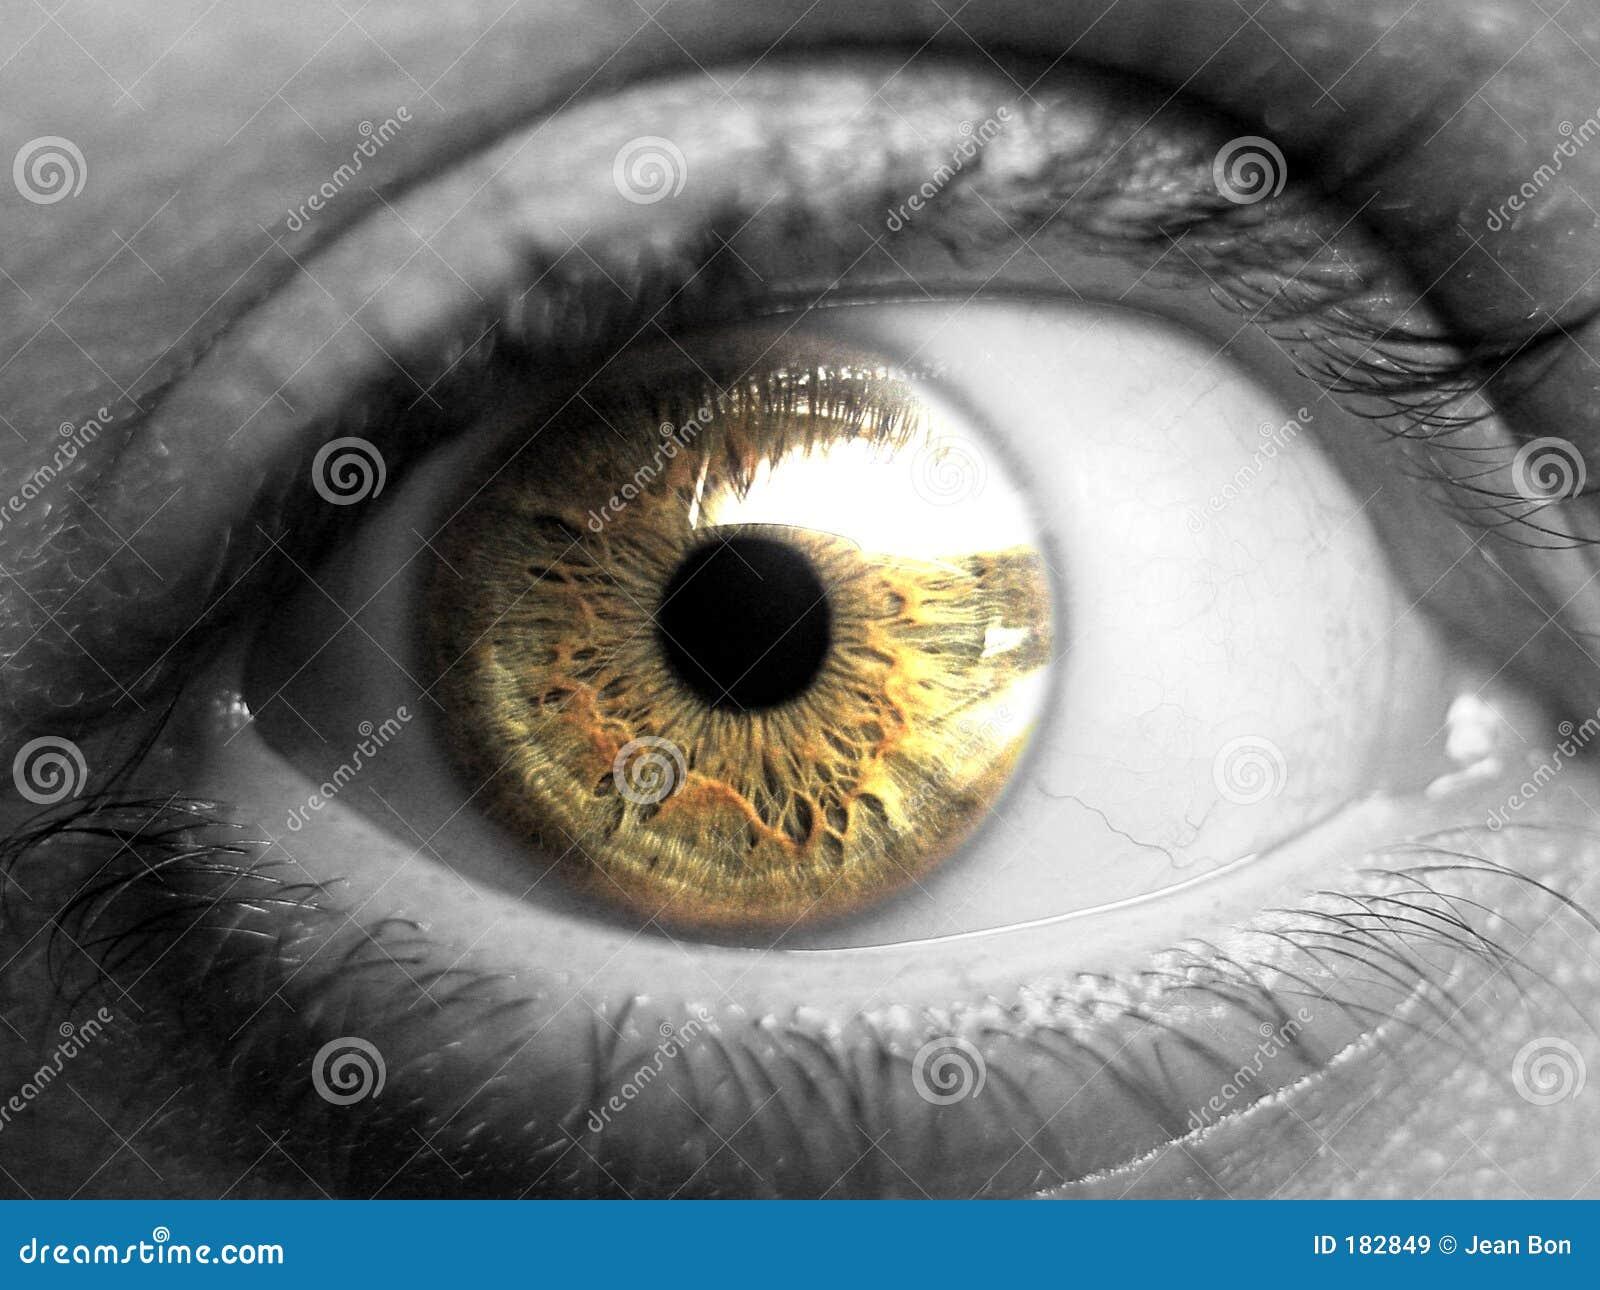 Shot of golden eye